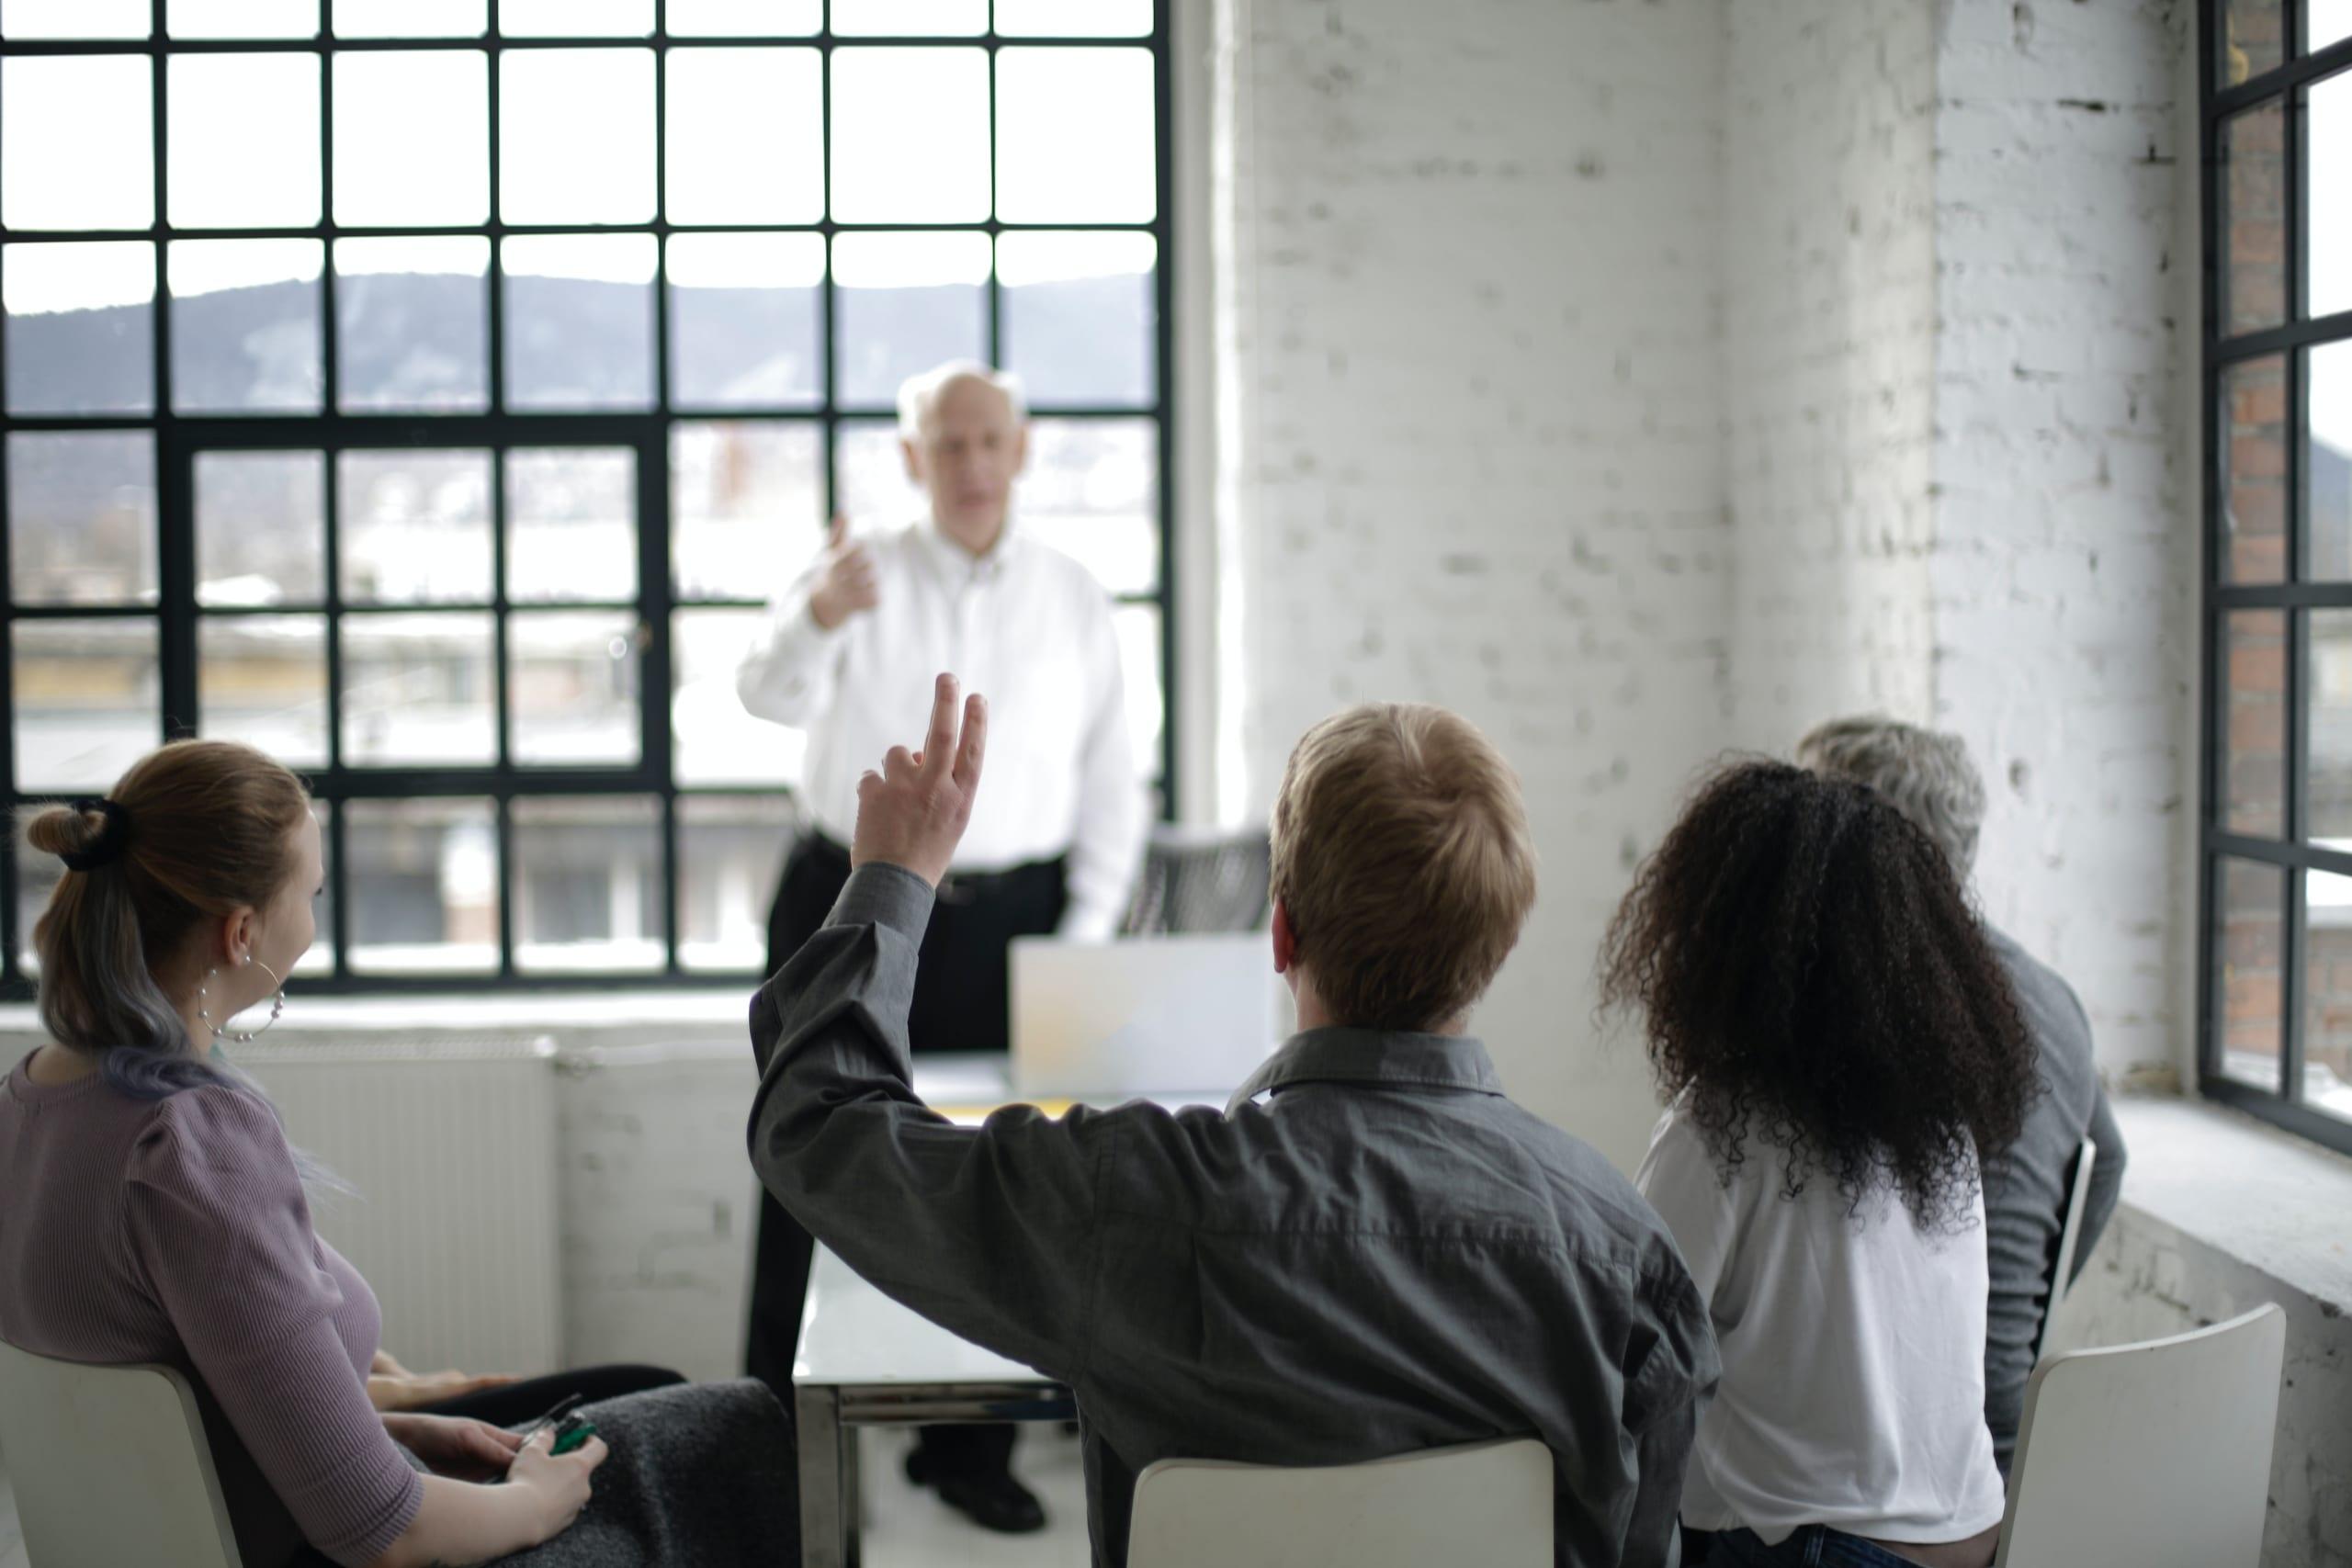 Teaching ESL using questions